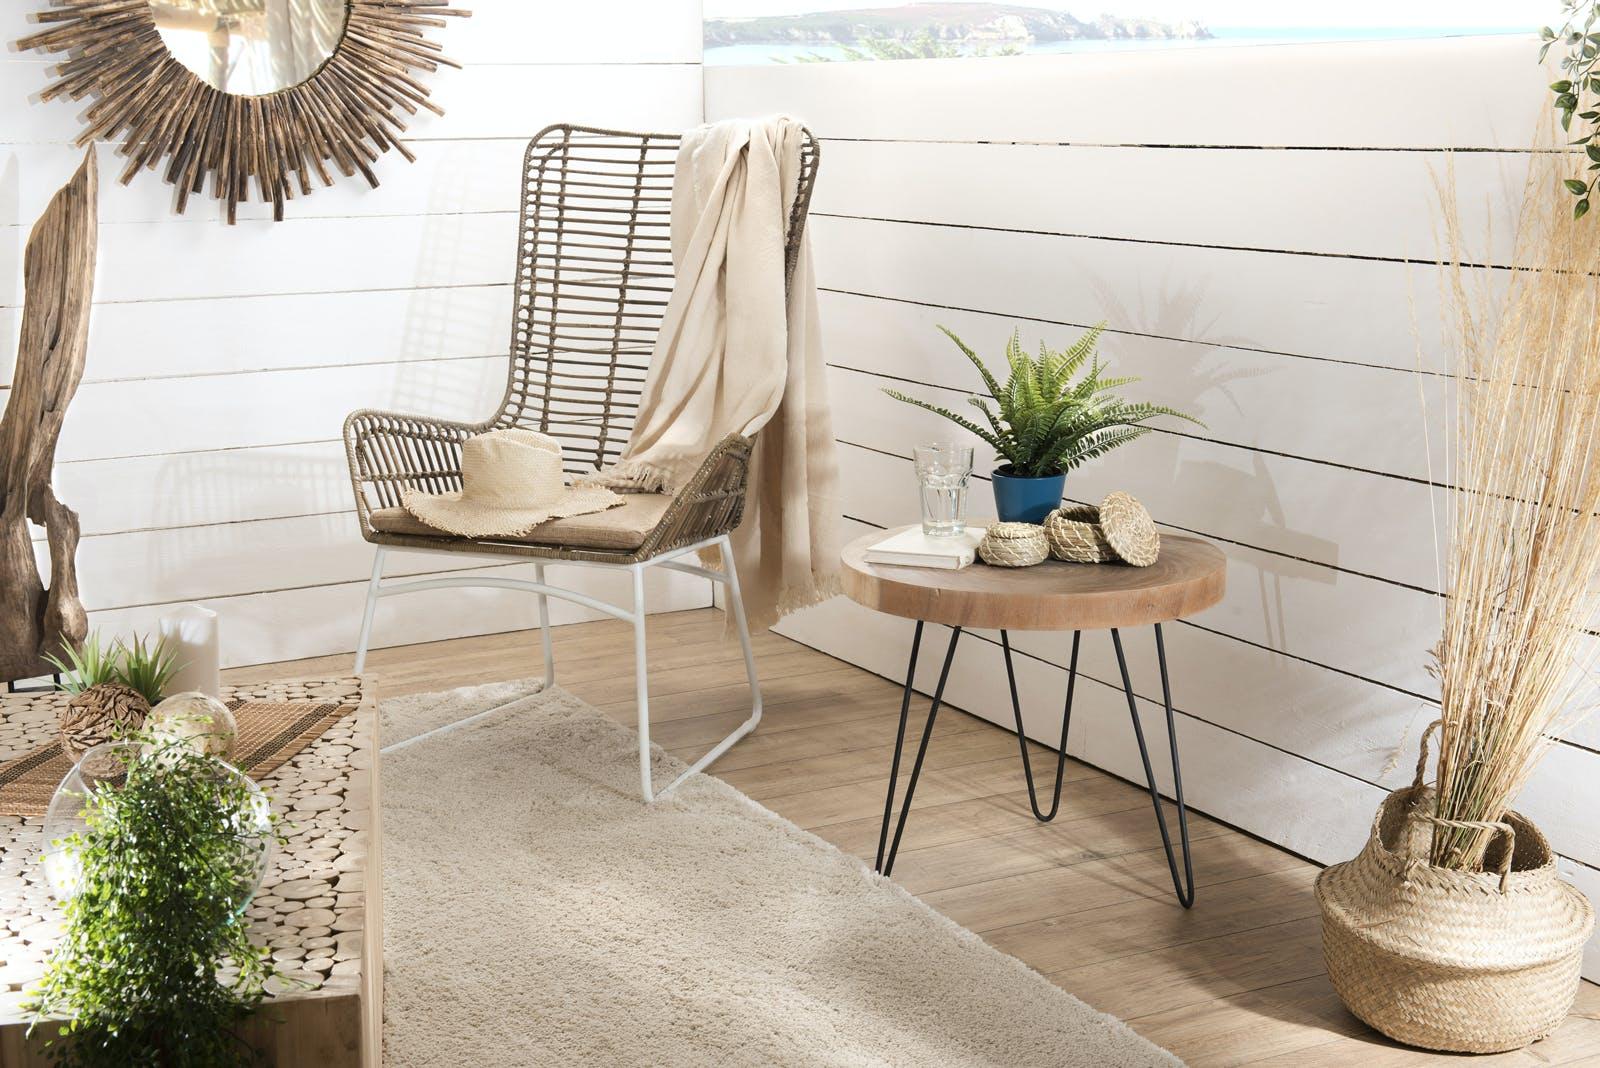 Table d'appoint bois ronde pieds épingle D55 JAIPUR